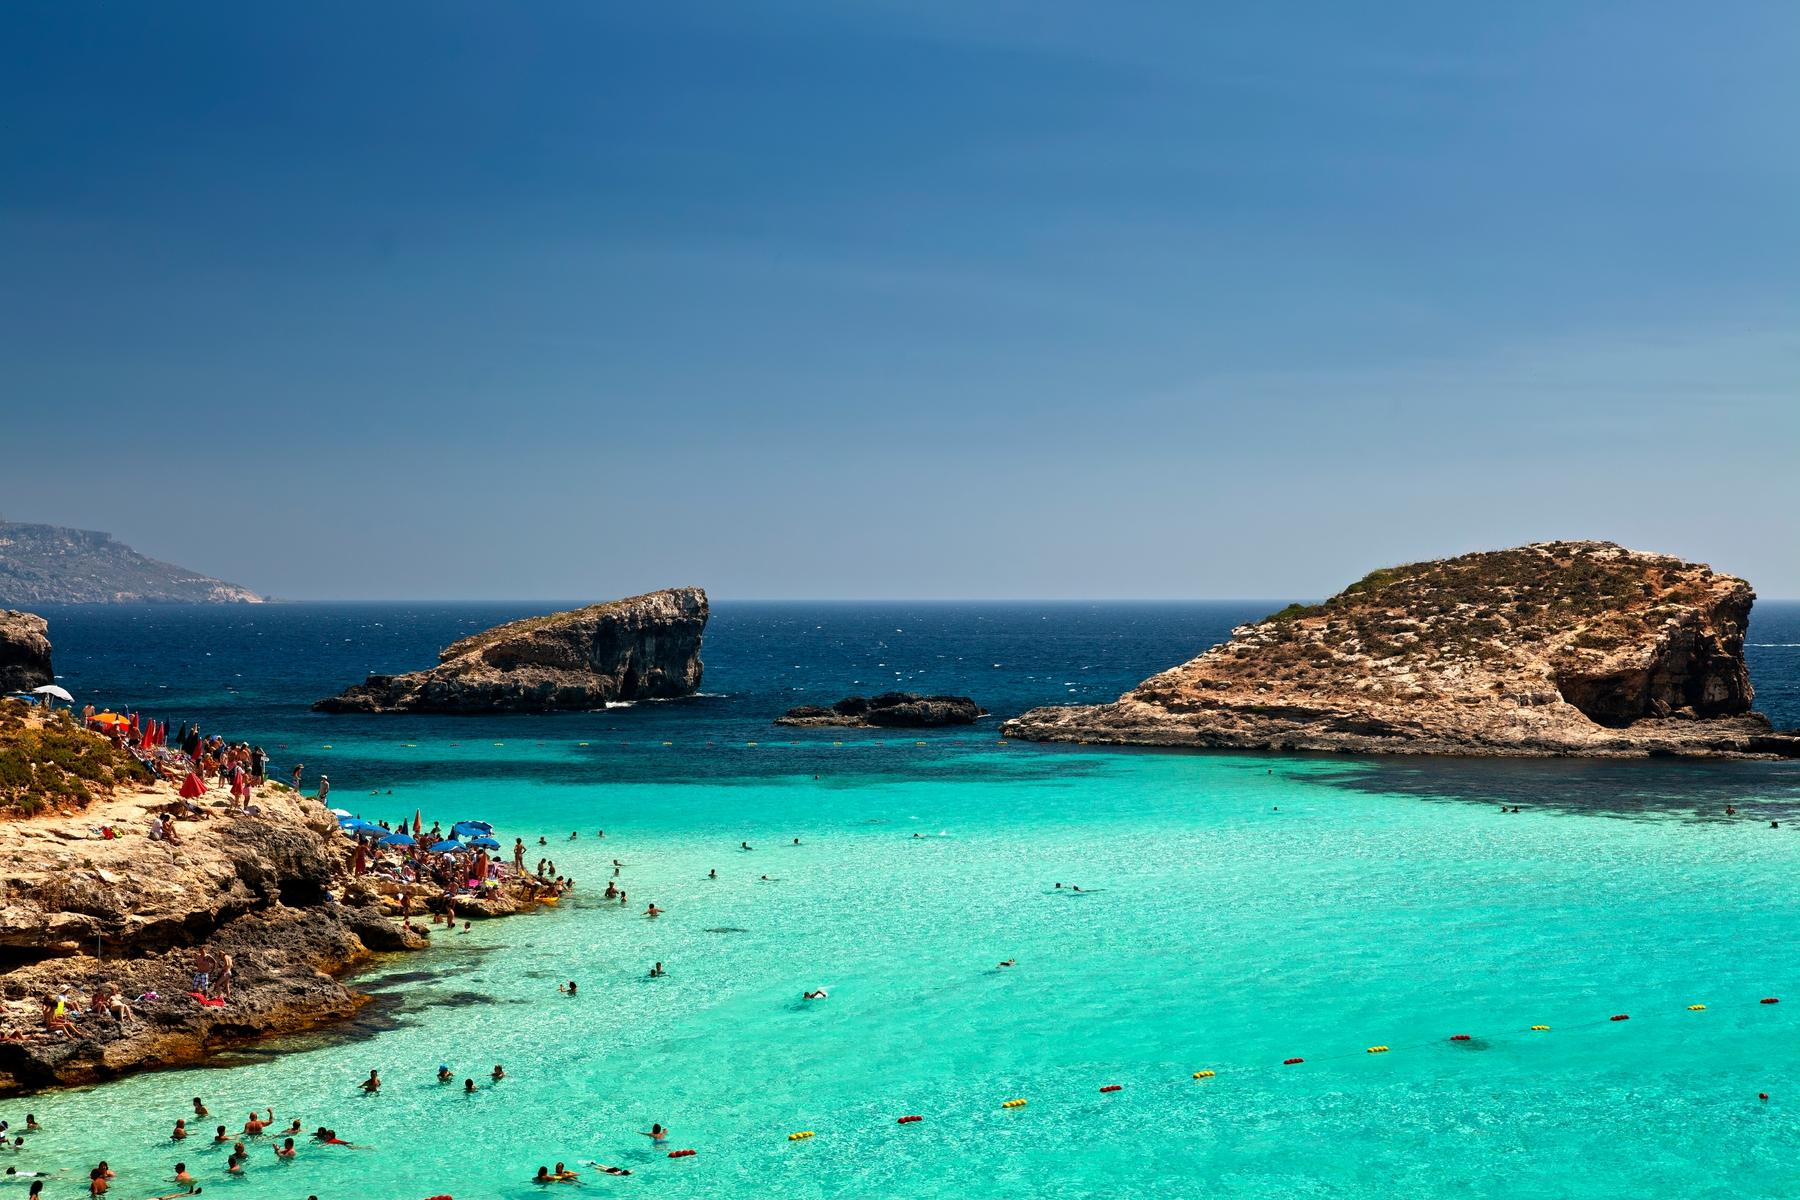 Malta Blue Lagoon in Comino